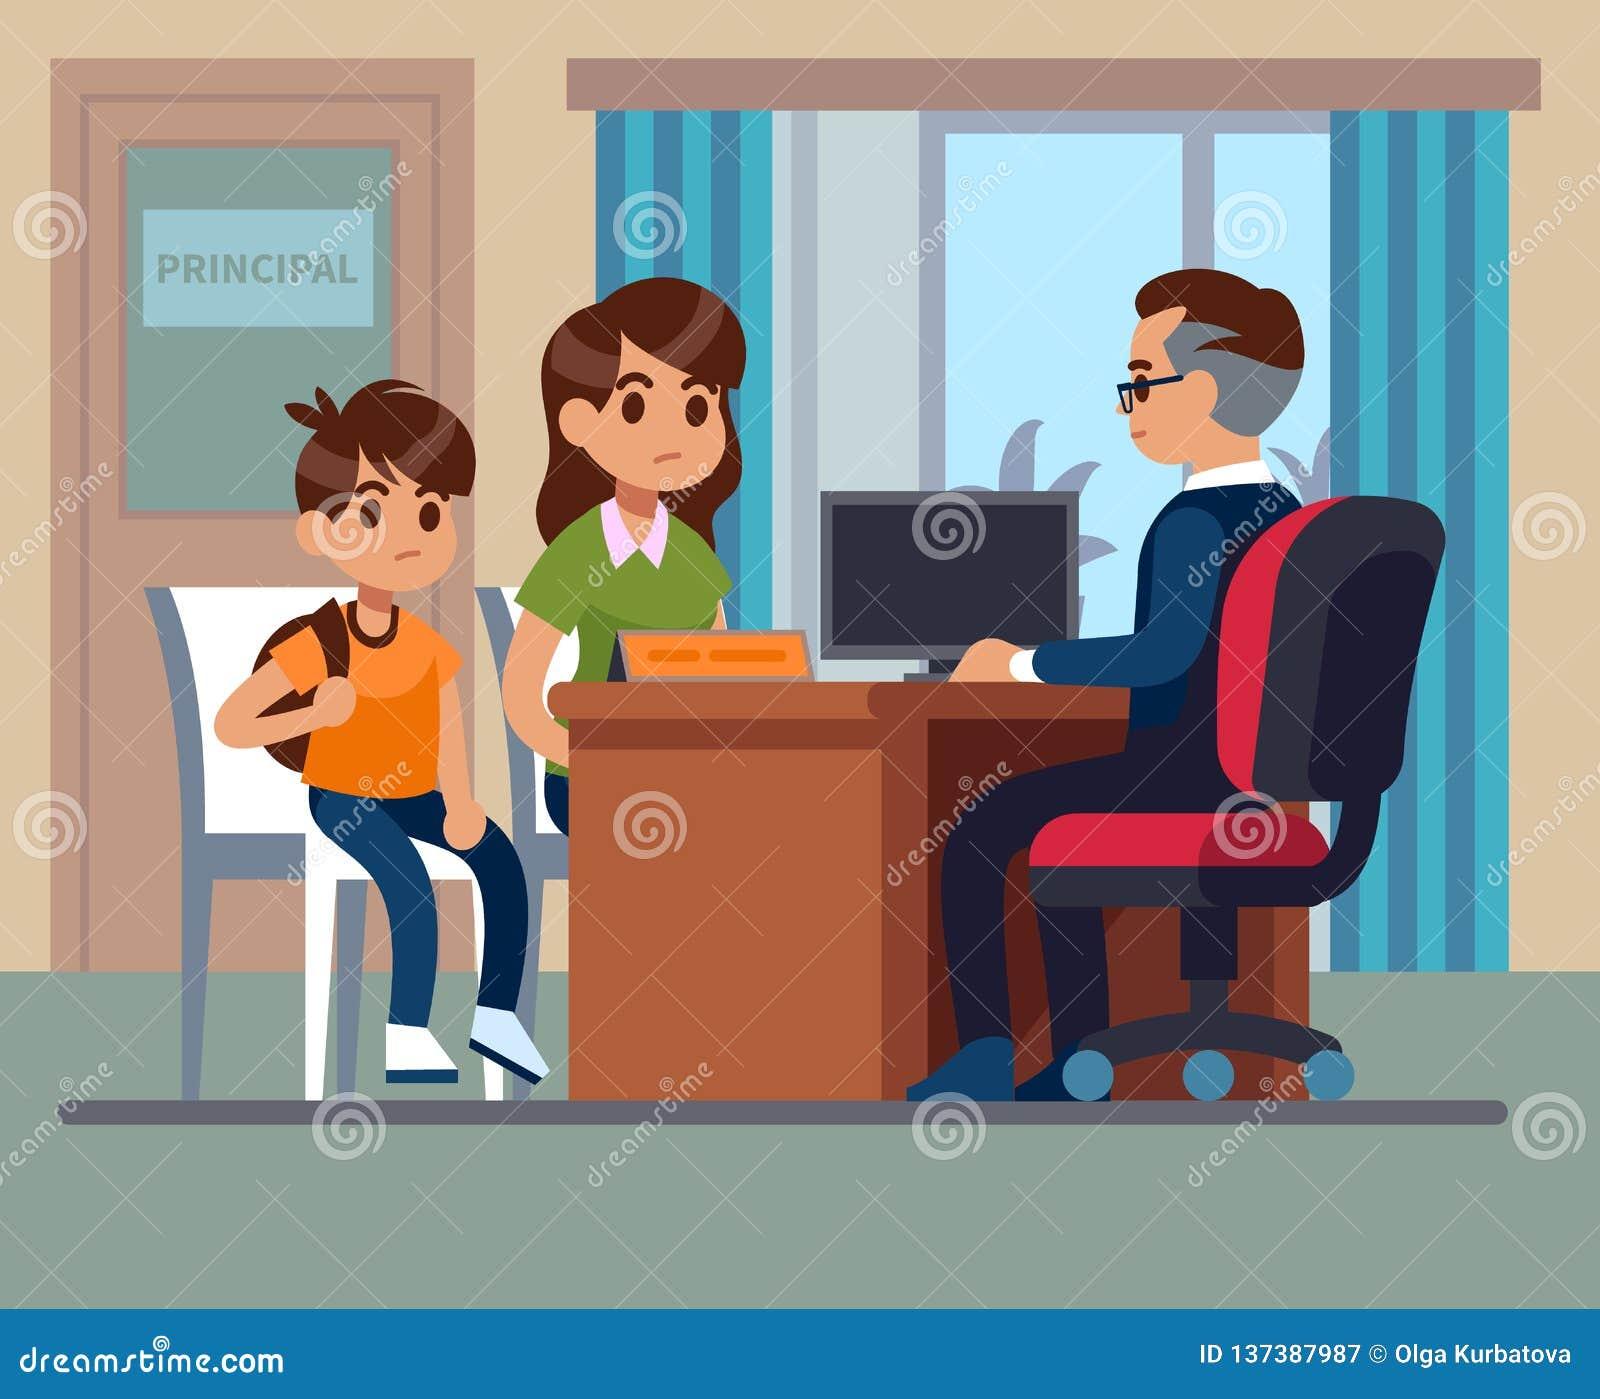 Hauptschule Elternkinderlehrersitzung im Büro Unglückliche Mutter, Sohngespräch mit verärgerter Direktion Schulbildung